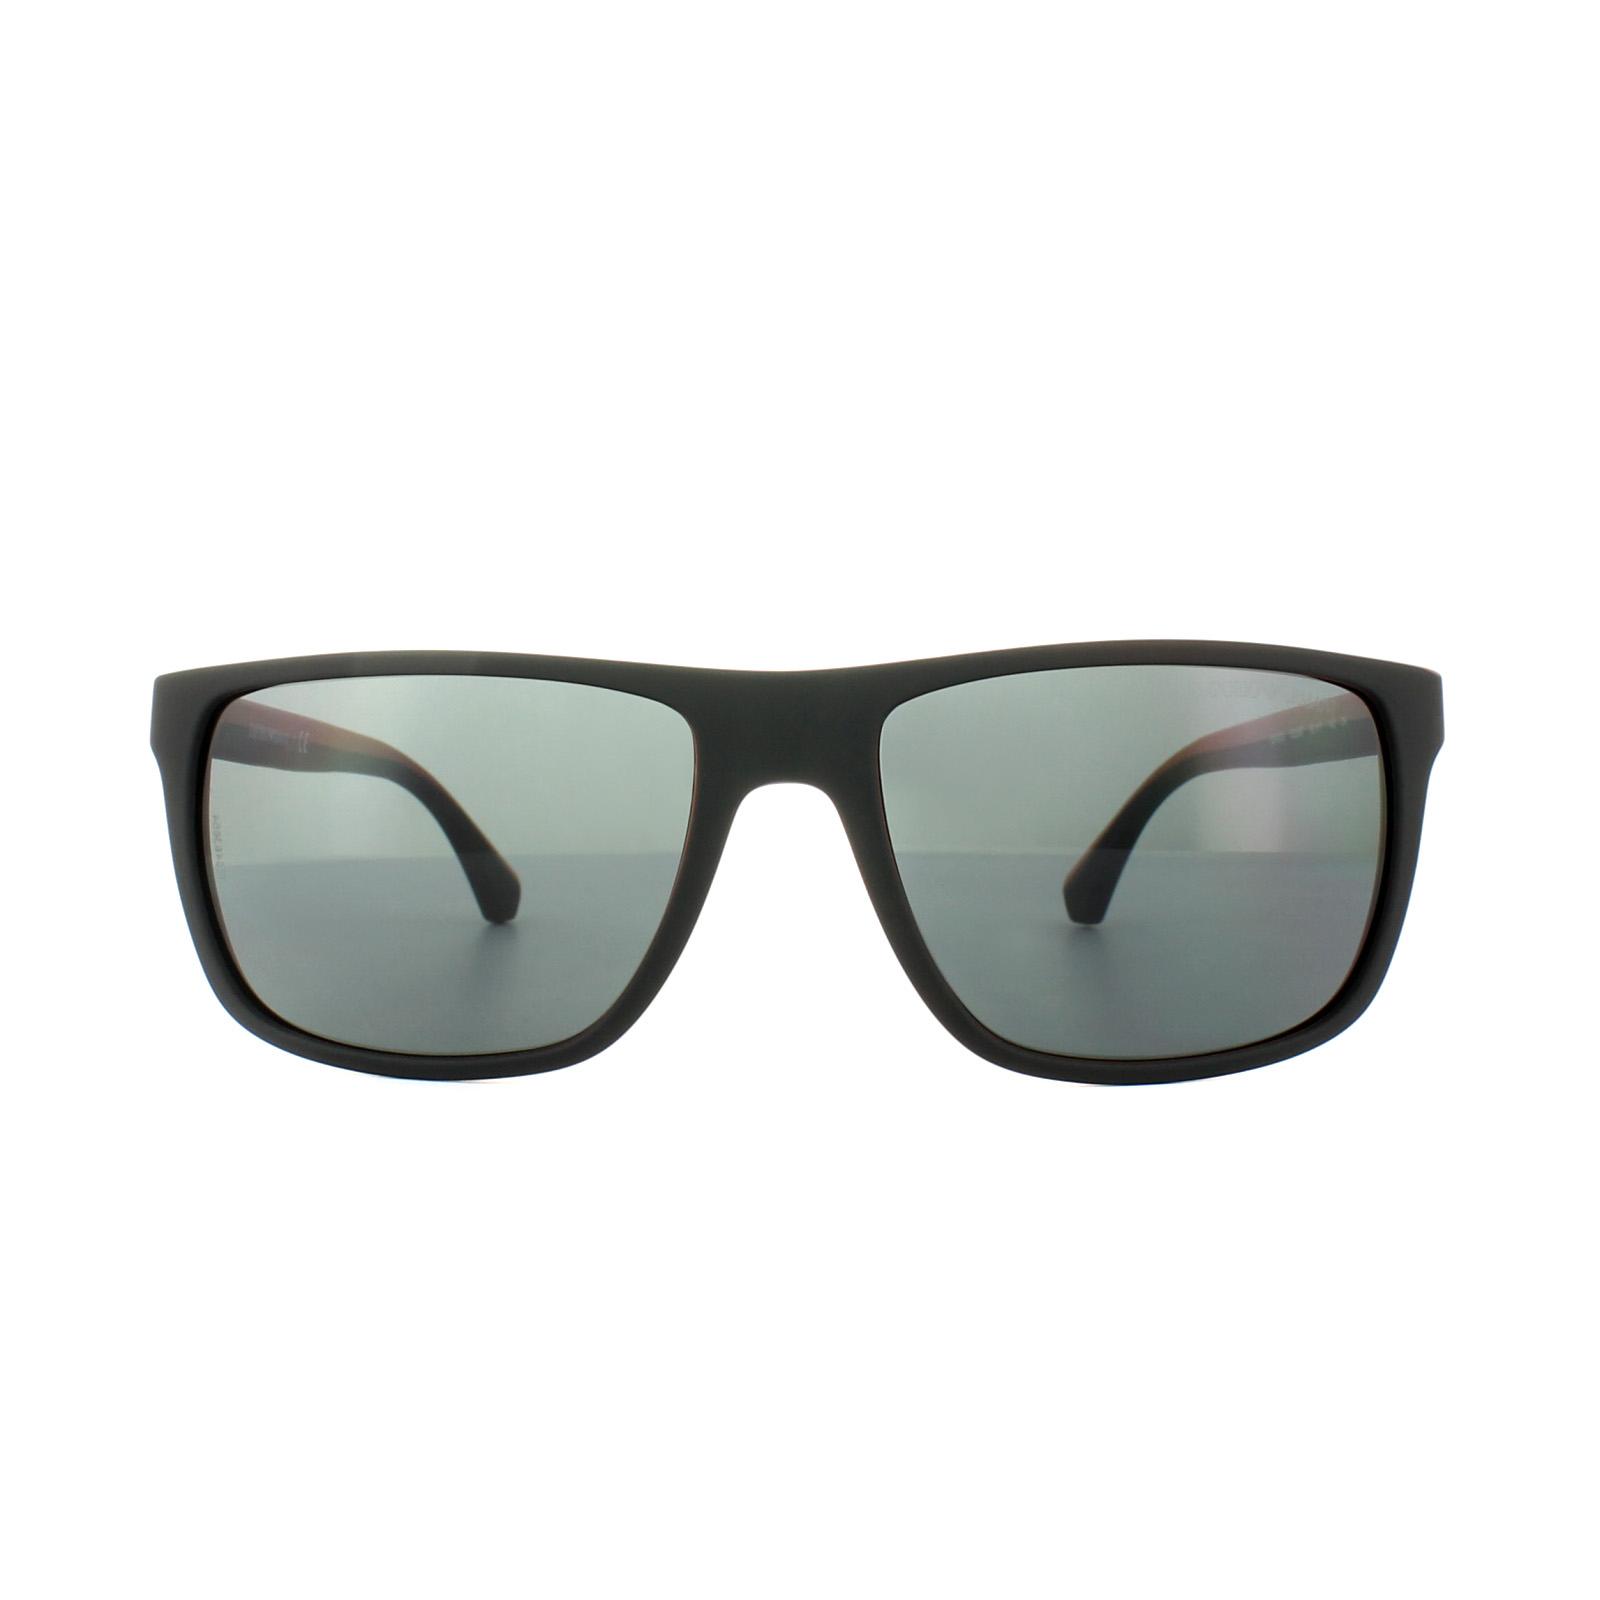 e9993d5bd21 Emporio Armani Sunglasses Ebay « Heritage Malta